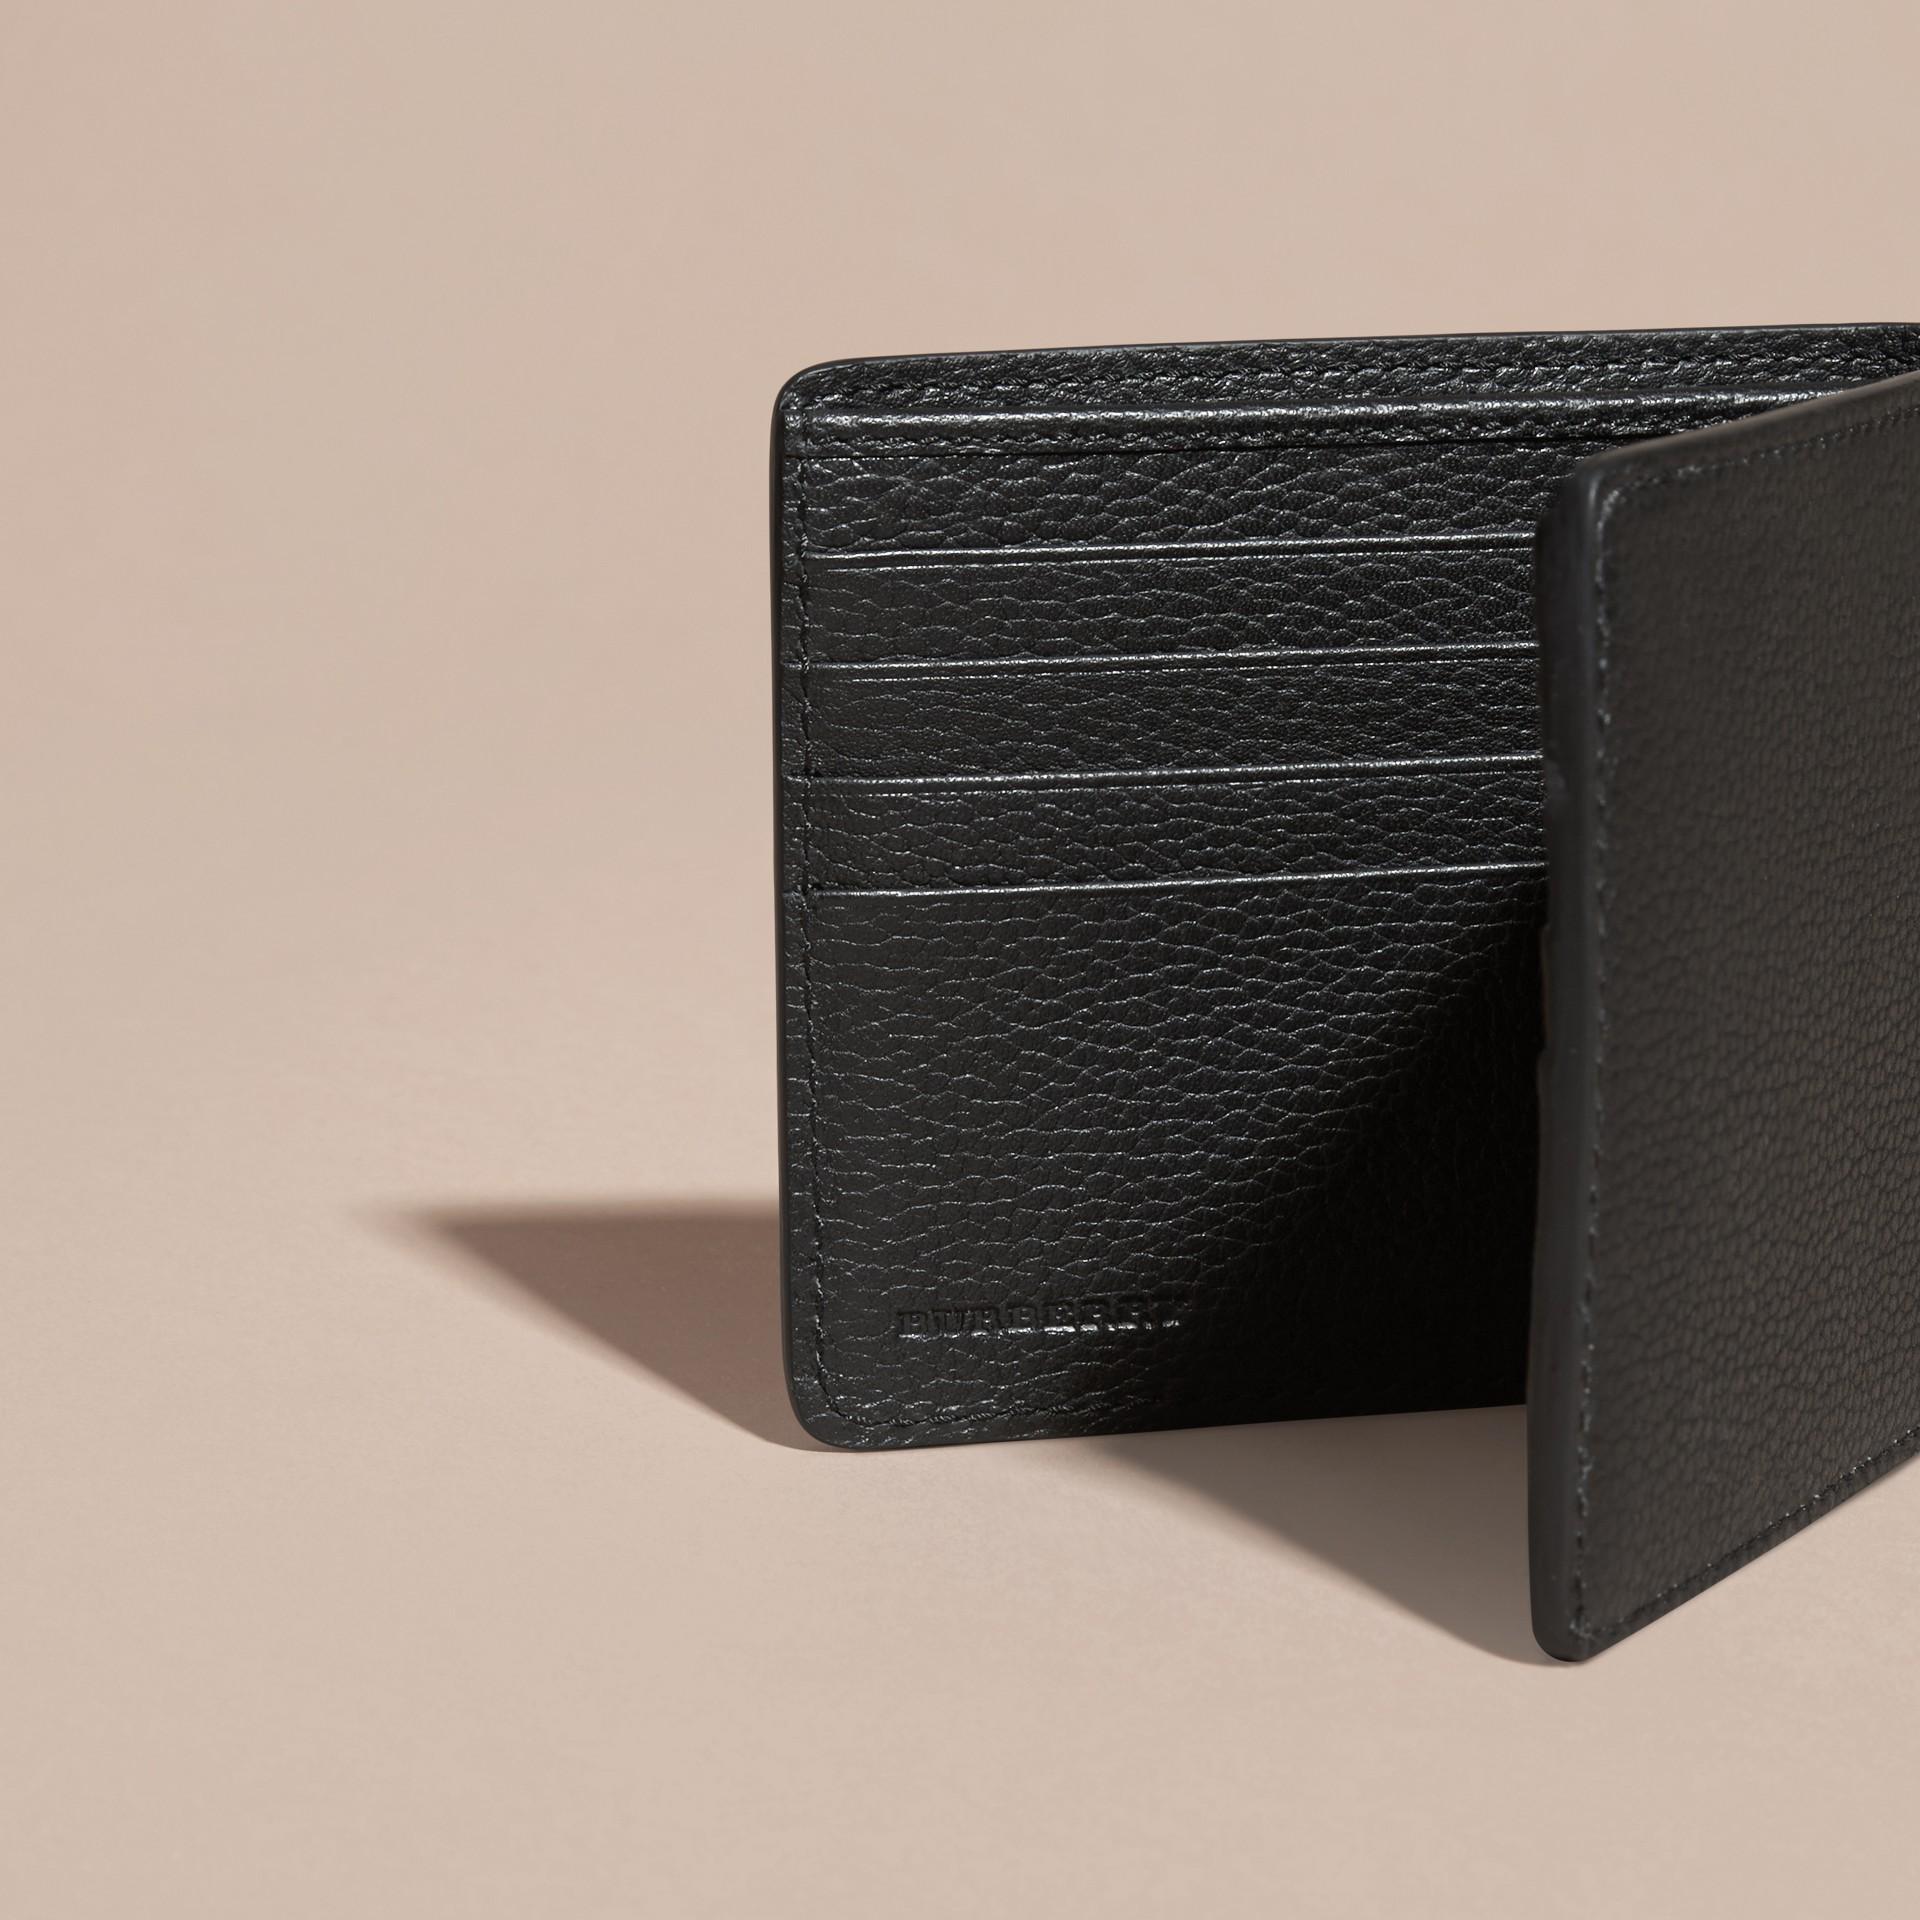 Черный Складной бумажник из кожи Черный - изображение 5